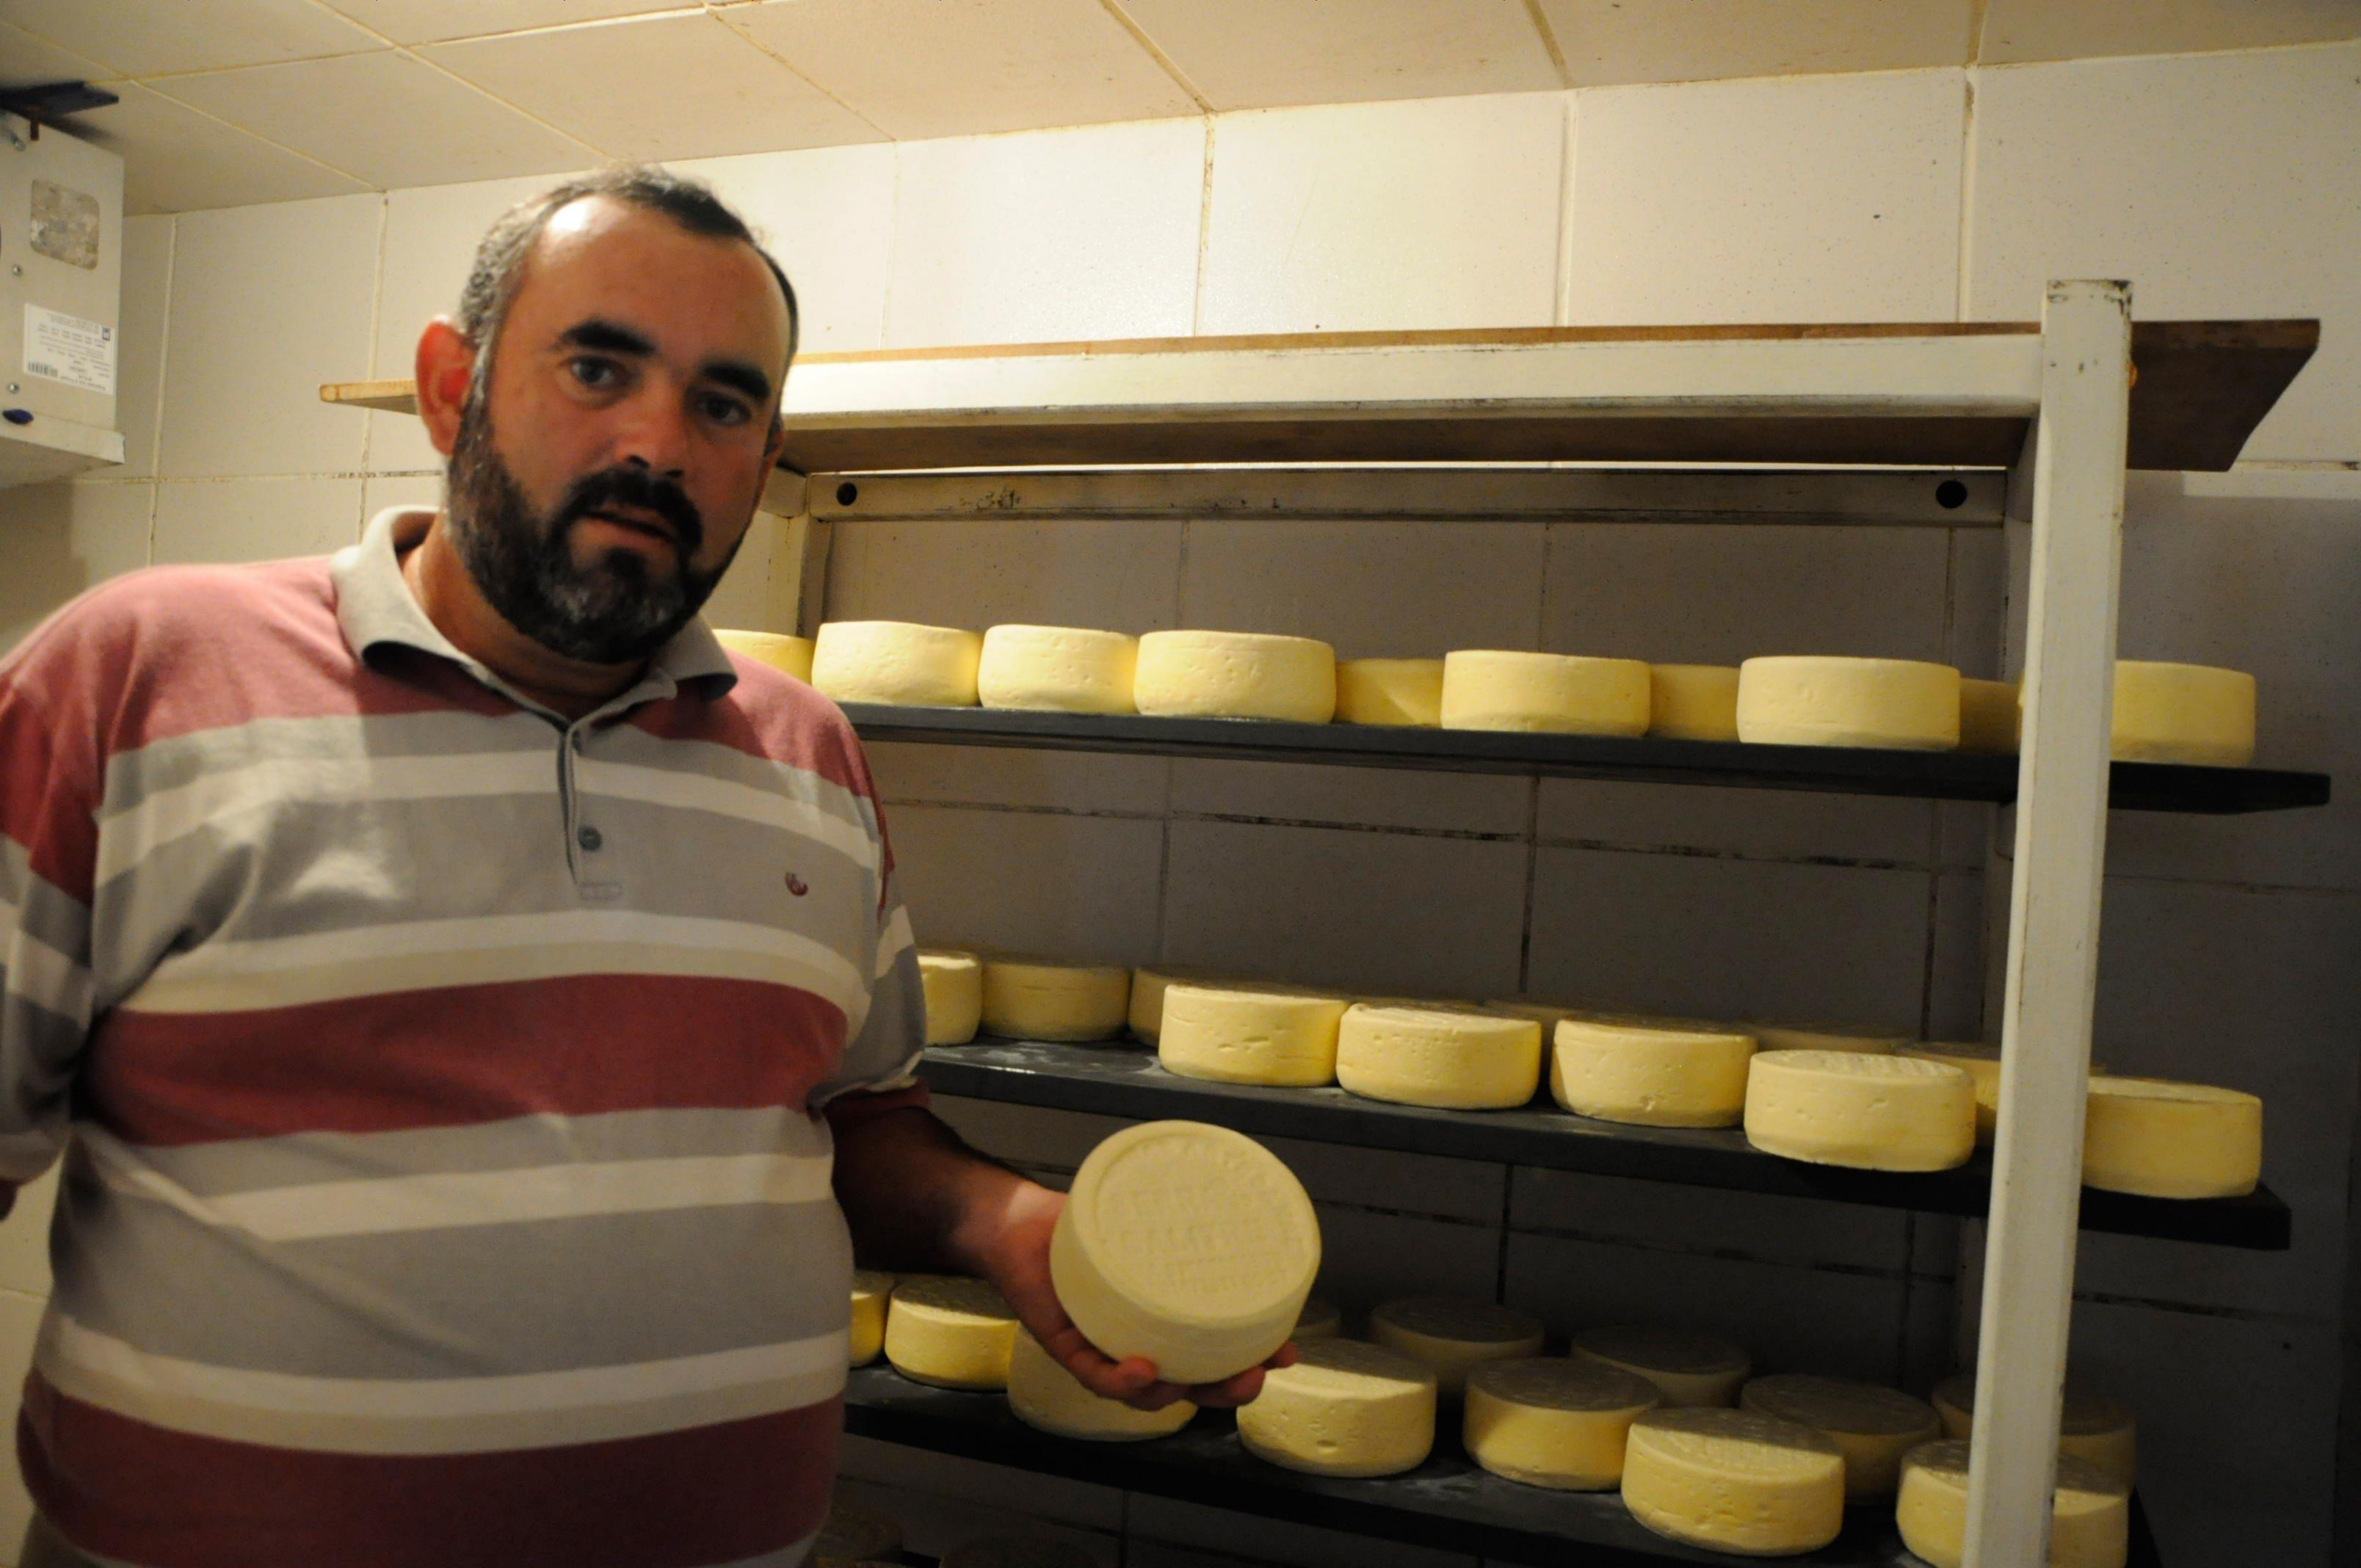 DSC0080web Aprovados: chef de cozinha leva queijos de leite cru para teste em laboratório